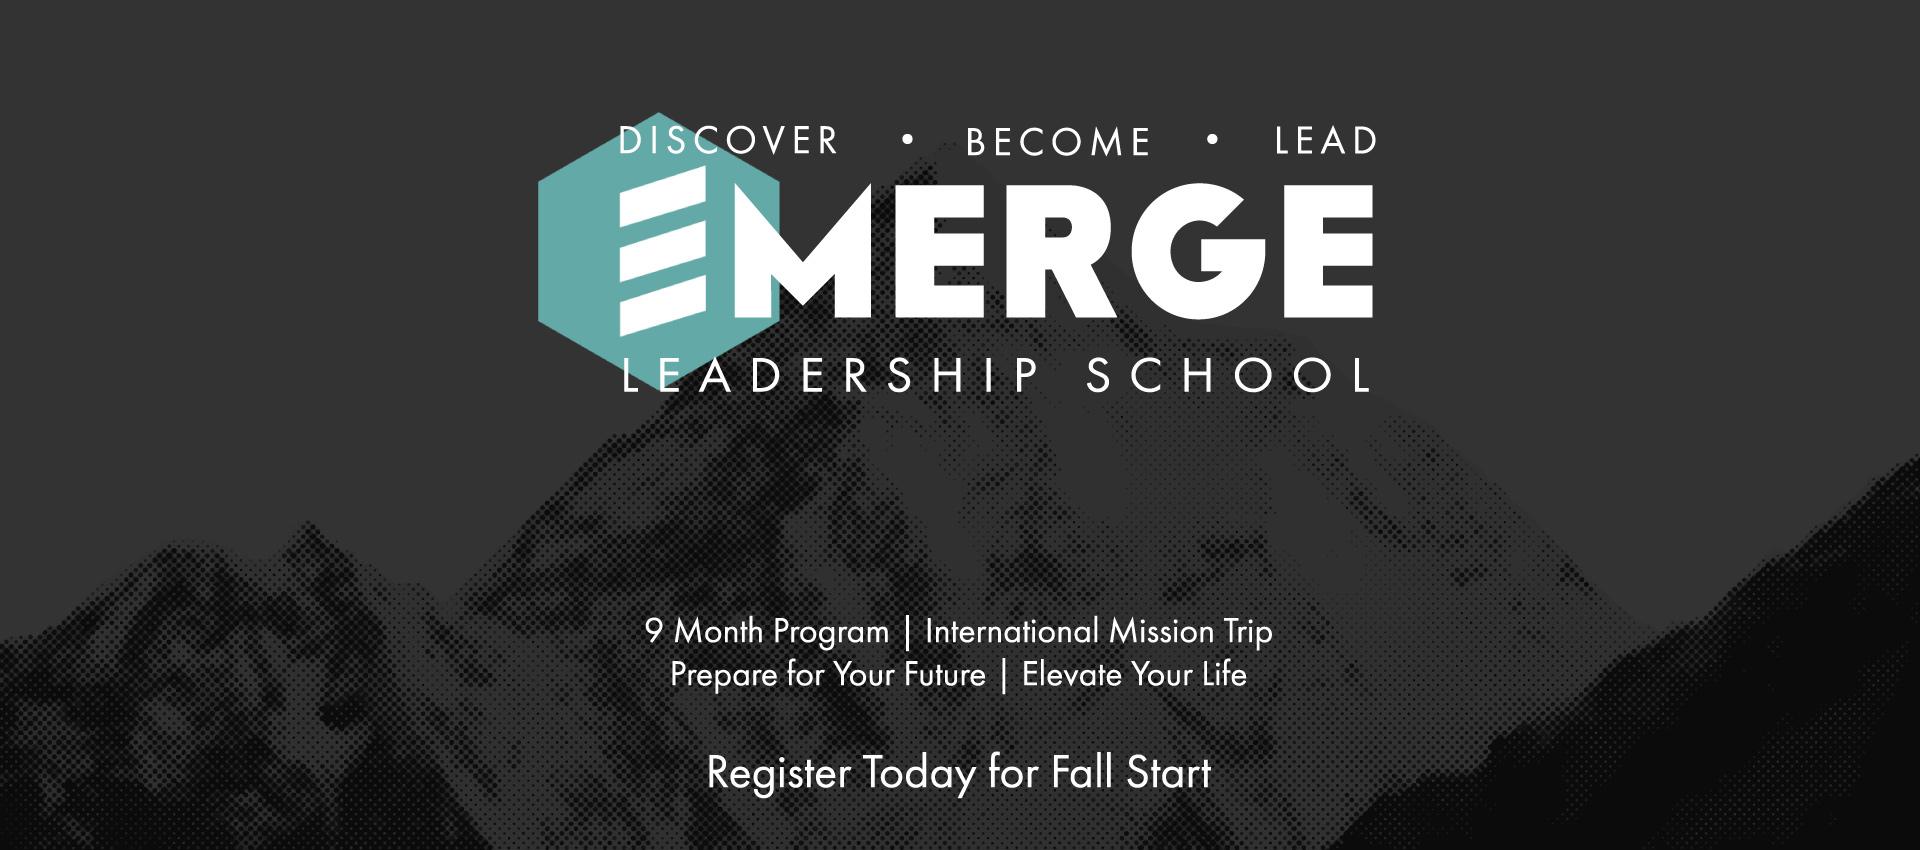 Emerge Leadership School